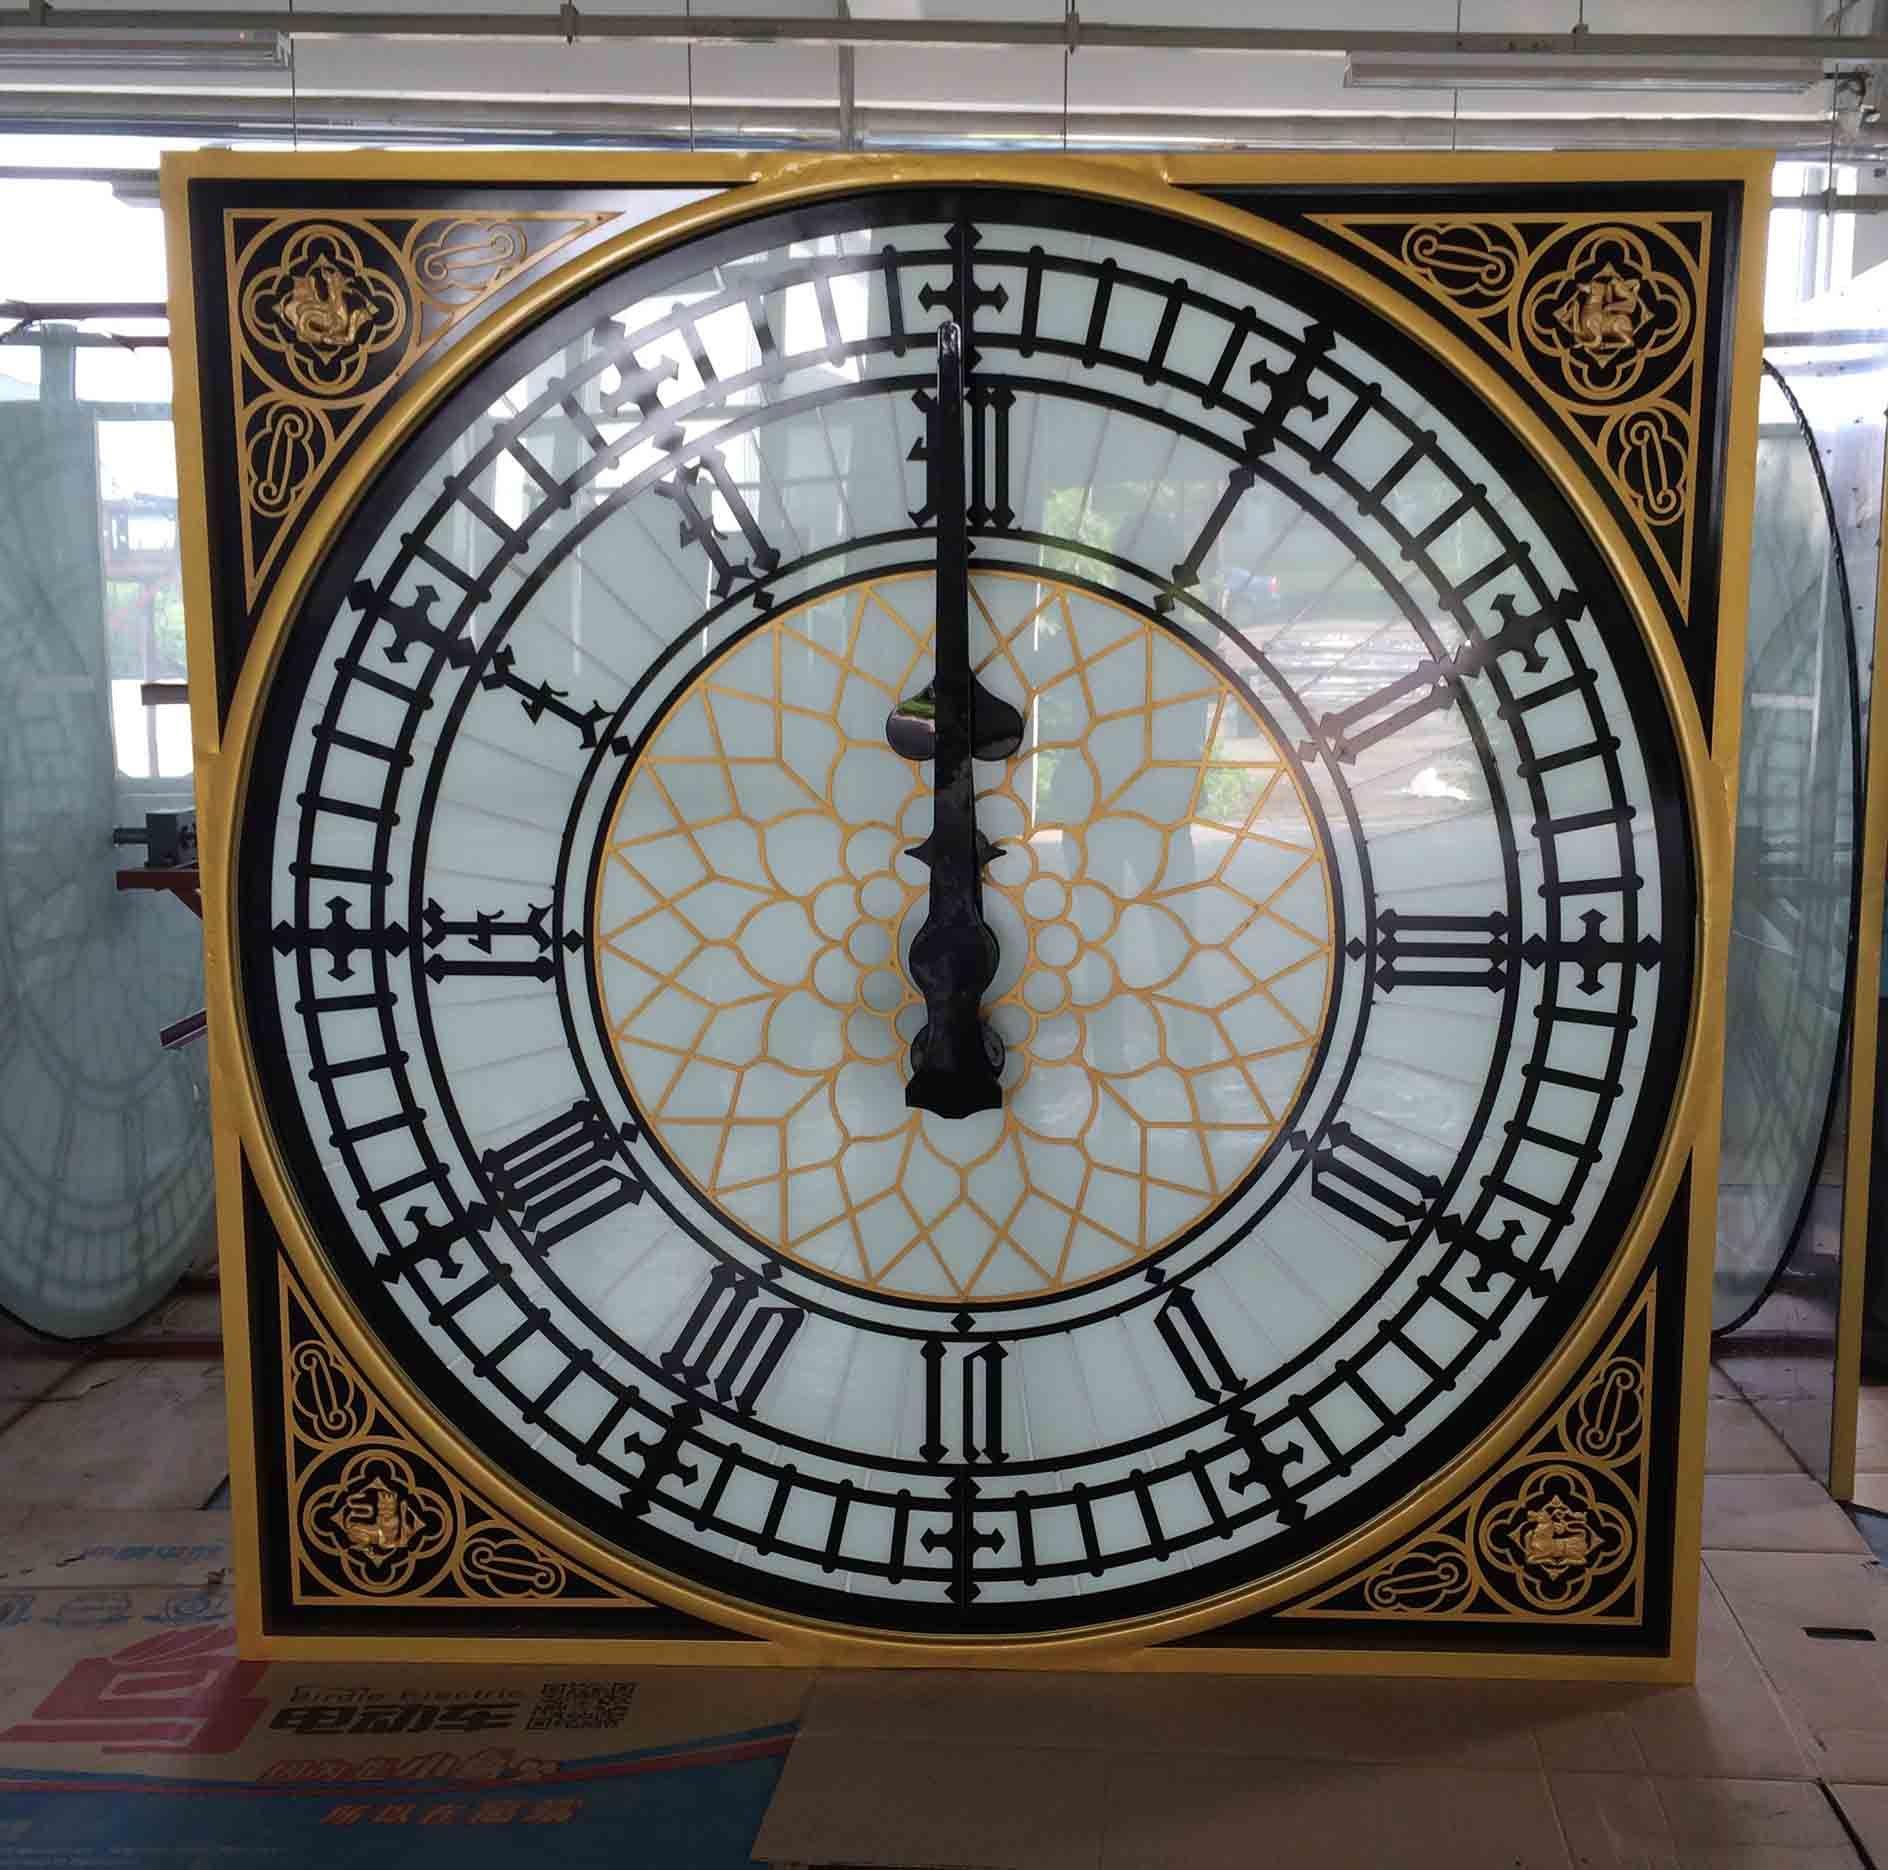 室外大钟钟楼钟表大型时钟